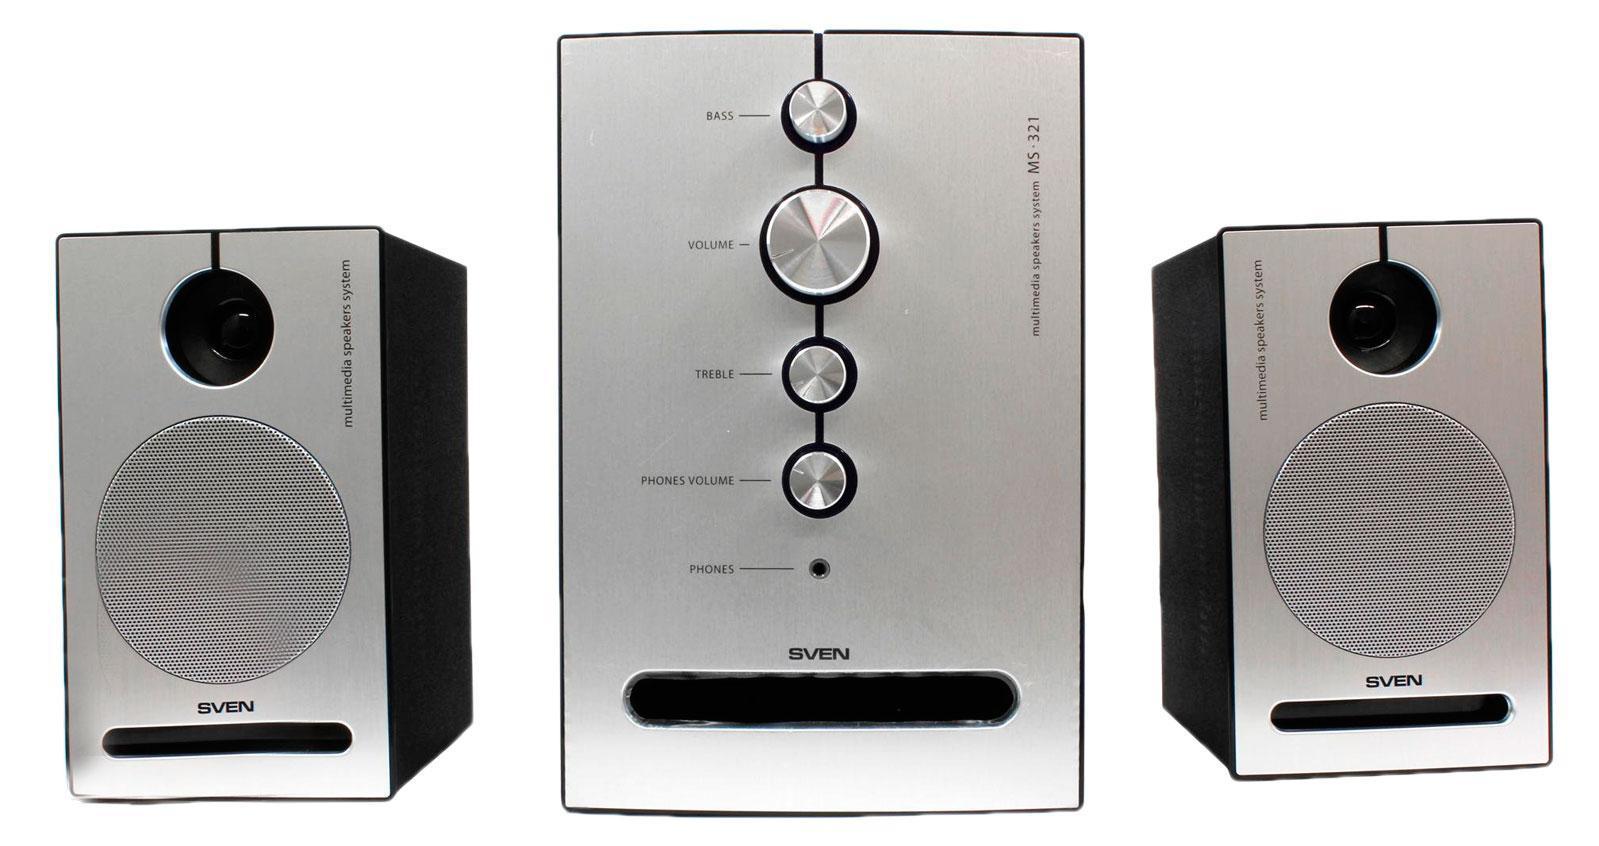 Sven MS-321, Black акустическая система 2.1 с сабвуферомSV-0130321BKСистема подходит для воспроизведения музыки, озвучивания игр, фильмов на ПК или ноутбуке. Однако суммарной мощности в 41 Вт хватит и для того, чтобы создать свой музыкальный центр, подключив комплект к DVD- или MP3-плееру. Передние панели сателлитов и сабвуфера выполнены из алюминия. При включении акустики элементы управления эффектно подсвечиваются светло-фиолетовым цветом. Необычный дизайн SVEN MS-321 настолько притягивает, что после покупки многим захочется поставить ее на видное место. Модель передает звуковую сцену во всех нюансах. Благодаря технологии акустического оформления «bandpass», а также щелевой конструкции фазоинвертора, у системы глубокий плотный бас. Чистое детальное звучание на высоких частотах обеспечивают двухполосные сателлиты. Управление акустикой очень простое и наглядное. На лицевой стороне сабвуфера расположено несколько регуляторов. С их помощью можно настроить уровень общей громкости системы, громкости наушников, а также отрегулировать уровень высоких и...